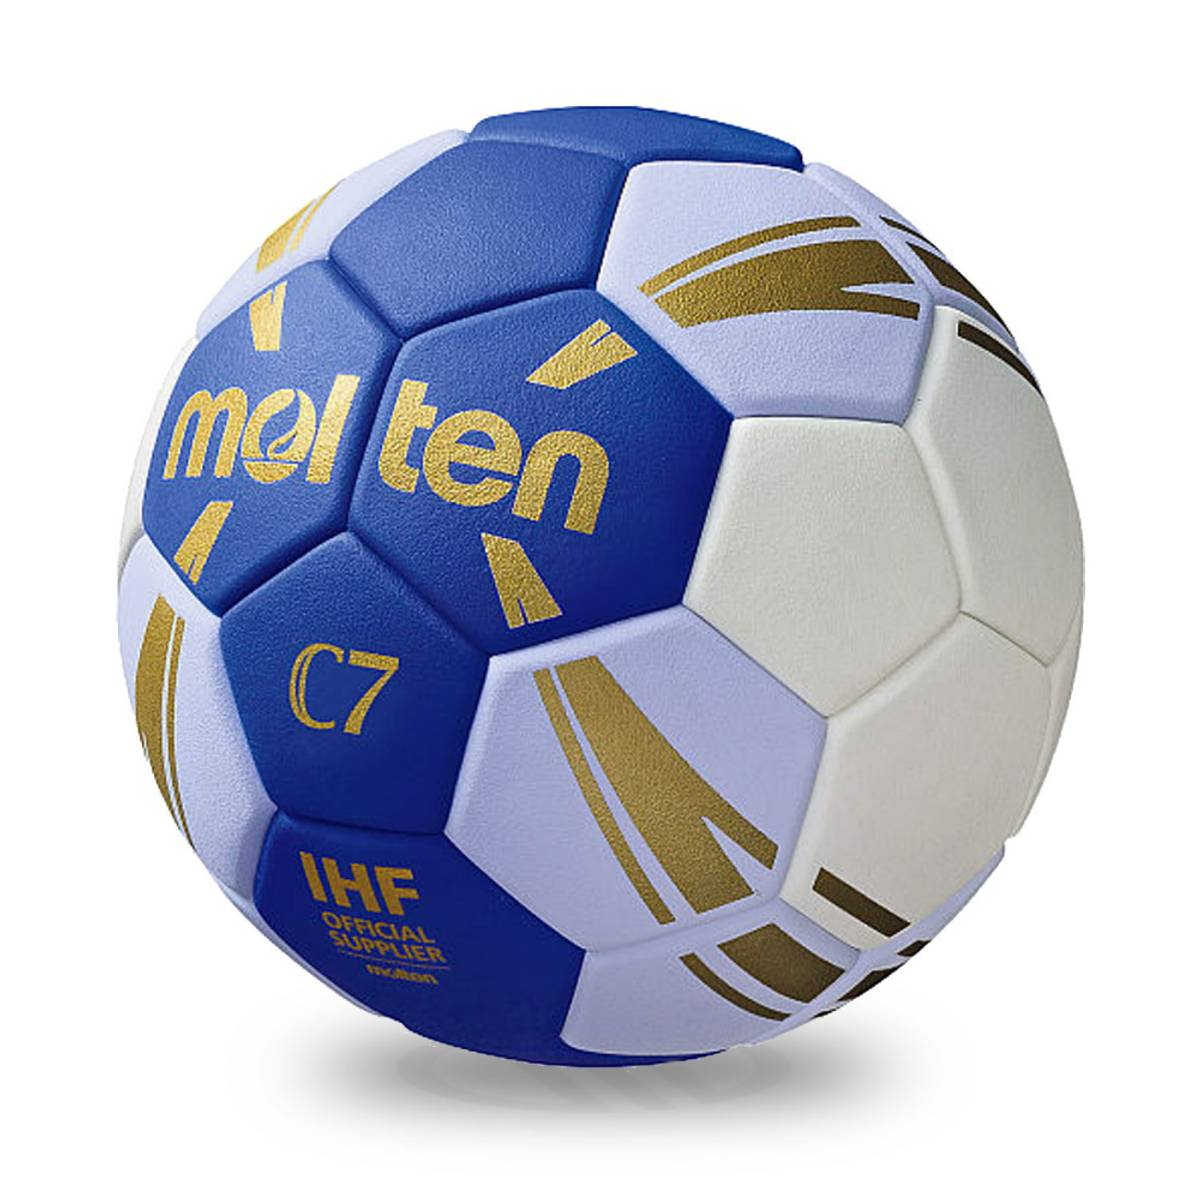 Molten C7 håndball